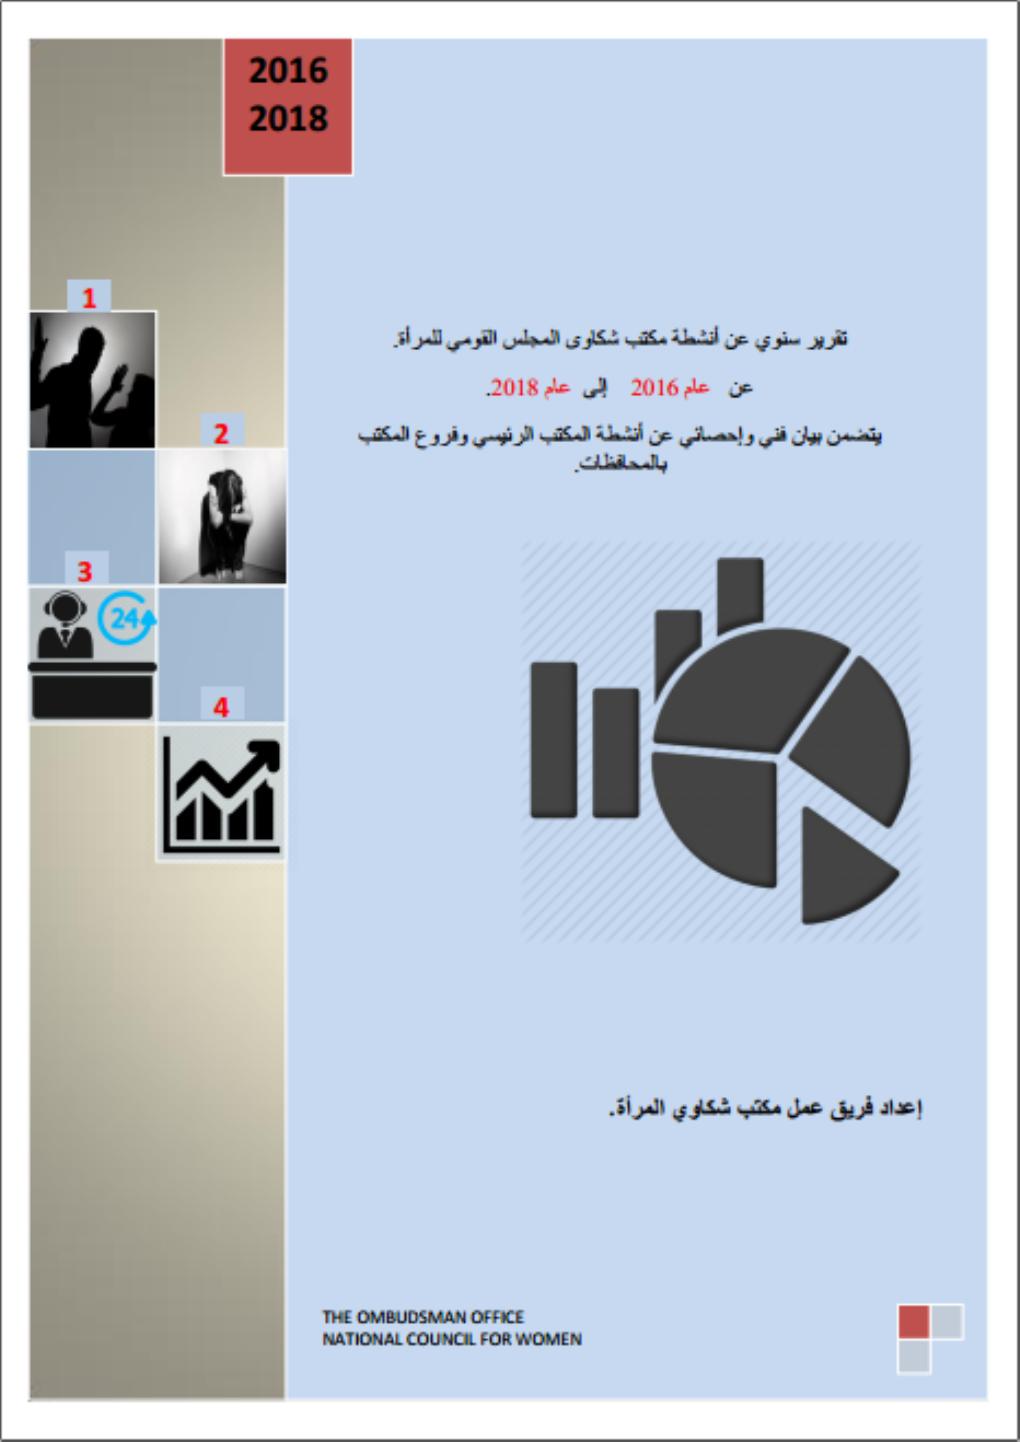 تقرير مكتب الشكاوى عن الفترة من 2016 الى 2018